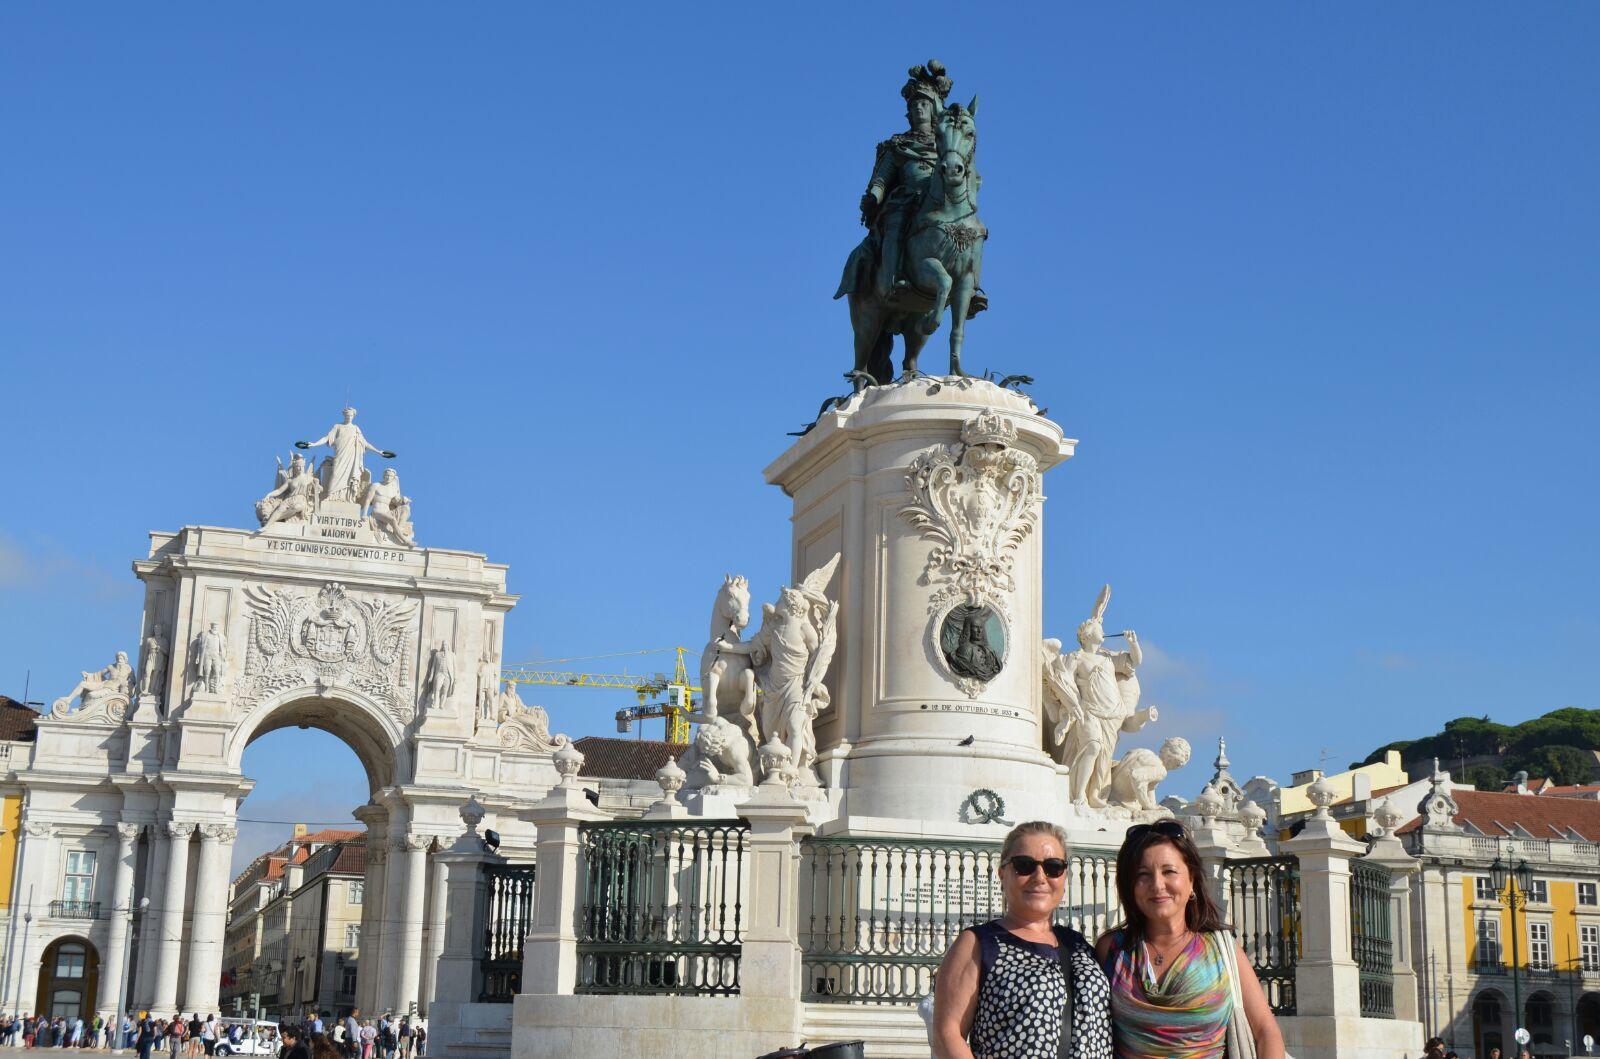 Pam y Montse en la Plaza del Comercio con su Arco triunfal y la estatua de Jose I.